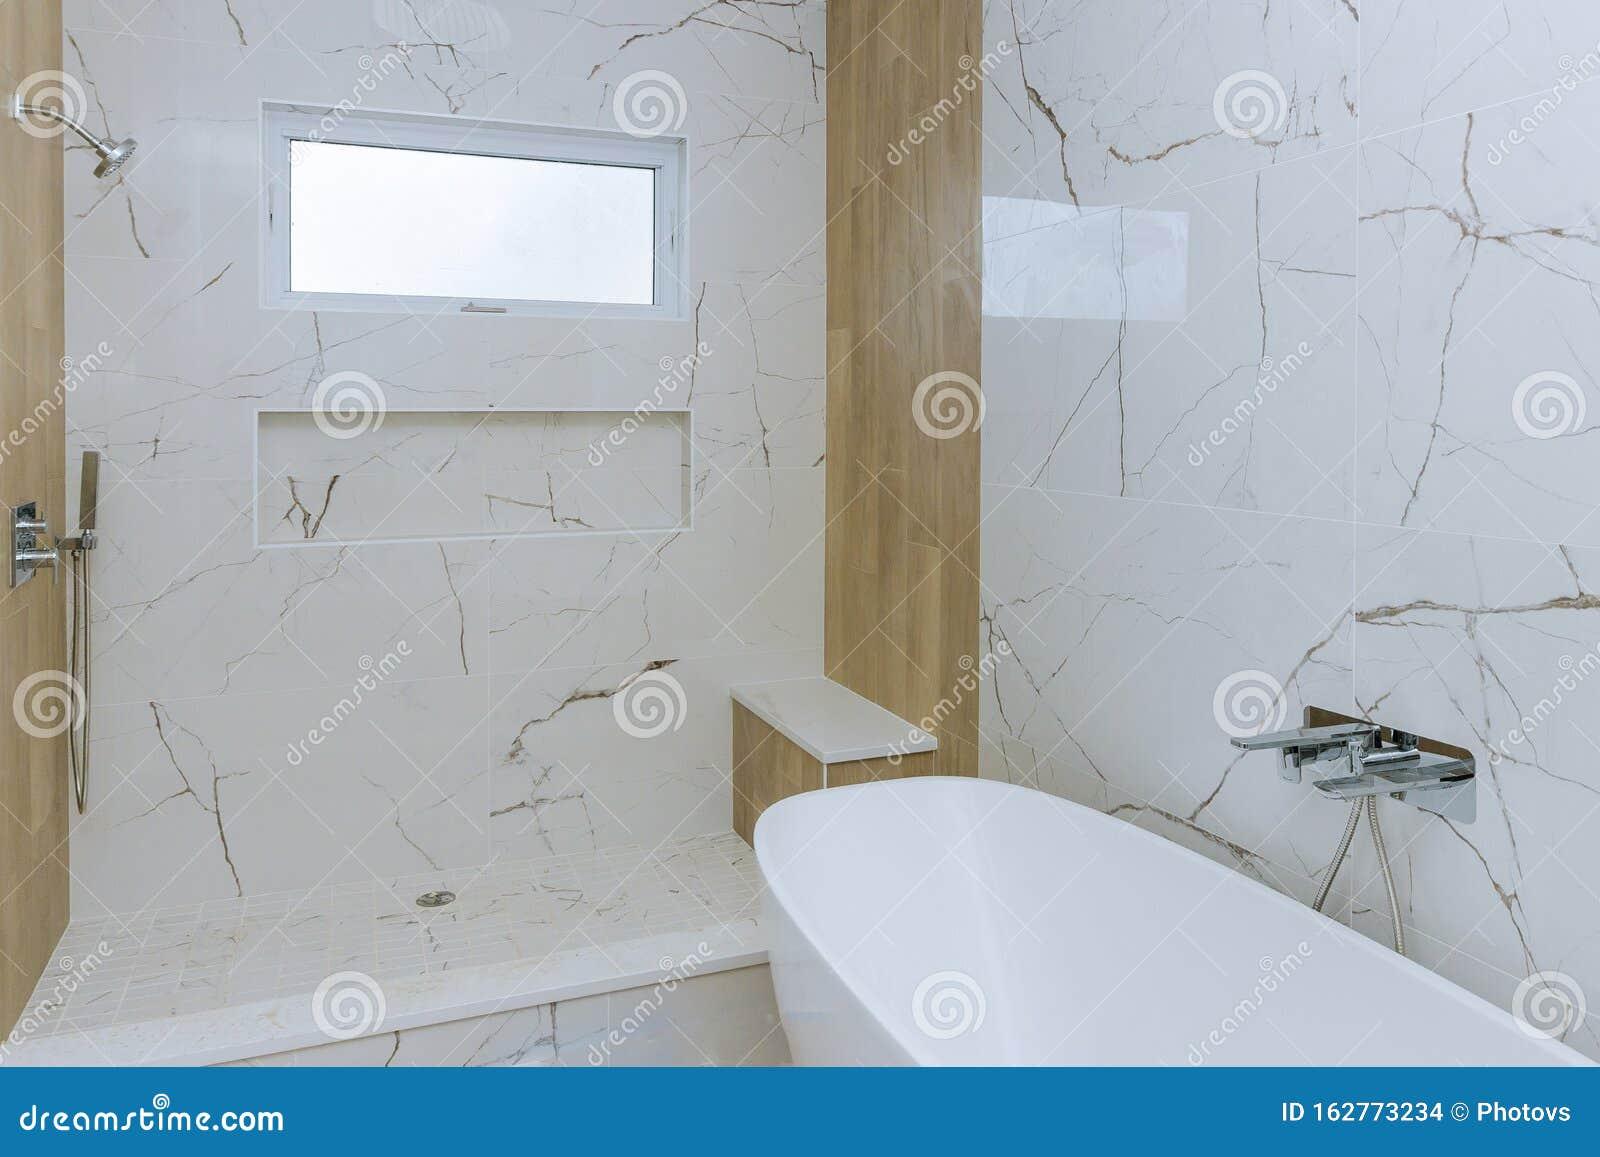 Modernes Design Badezimmer Mit Offener Dusche Stockfoto Bild Von Modernes Dusche 162773234